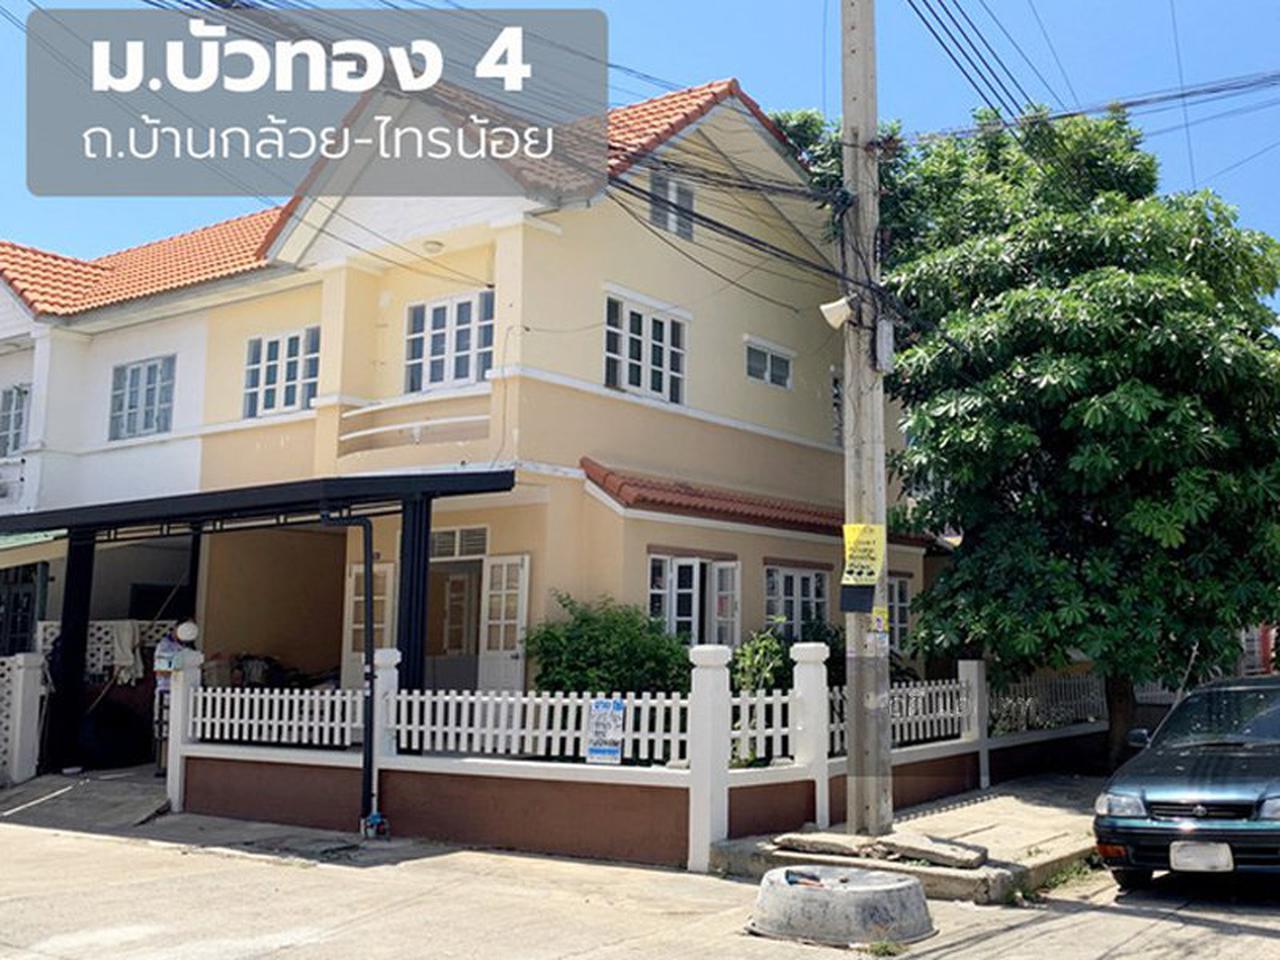 ลดราคาด่วน! ทาวน์เฮาส์ ม. บัวทอง 4 (หลังมุม ปรับปรุงใหม่) ถ. บ้านกล้วย-ไทรน้อย รูปที่ 2